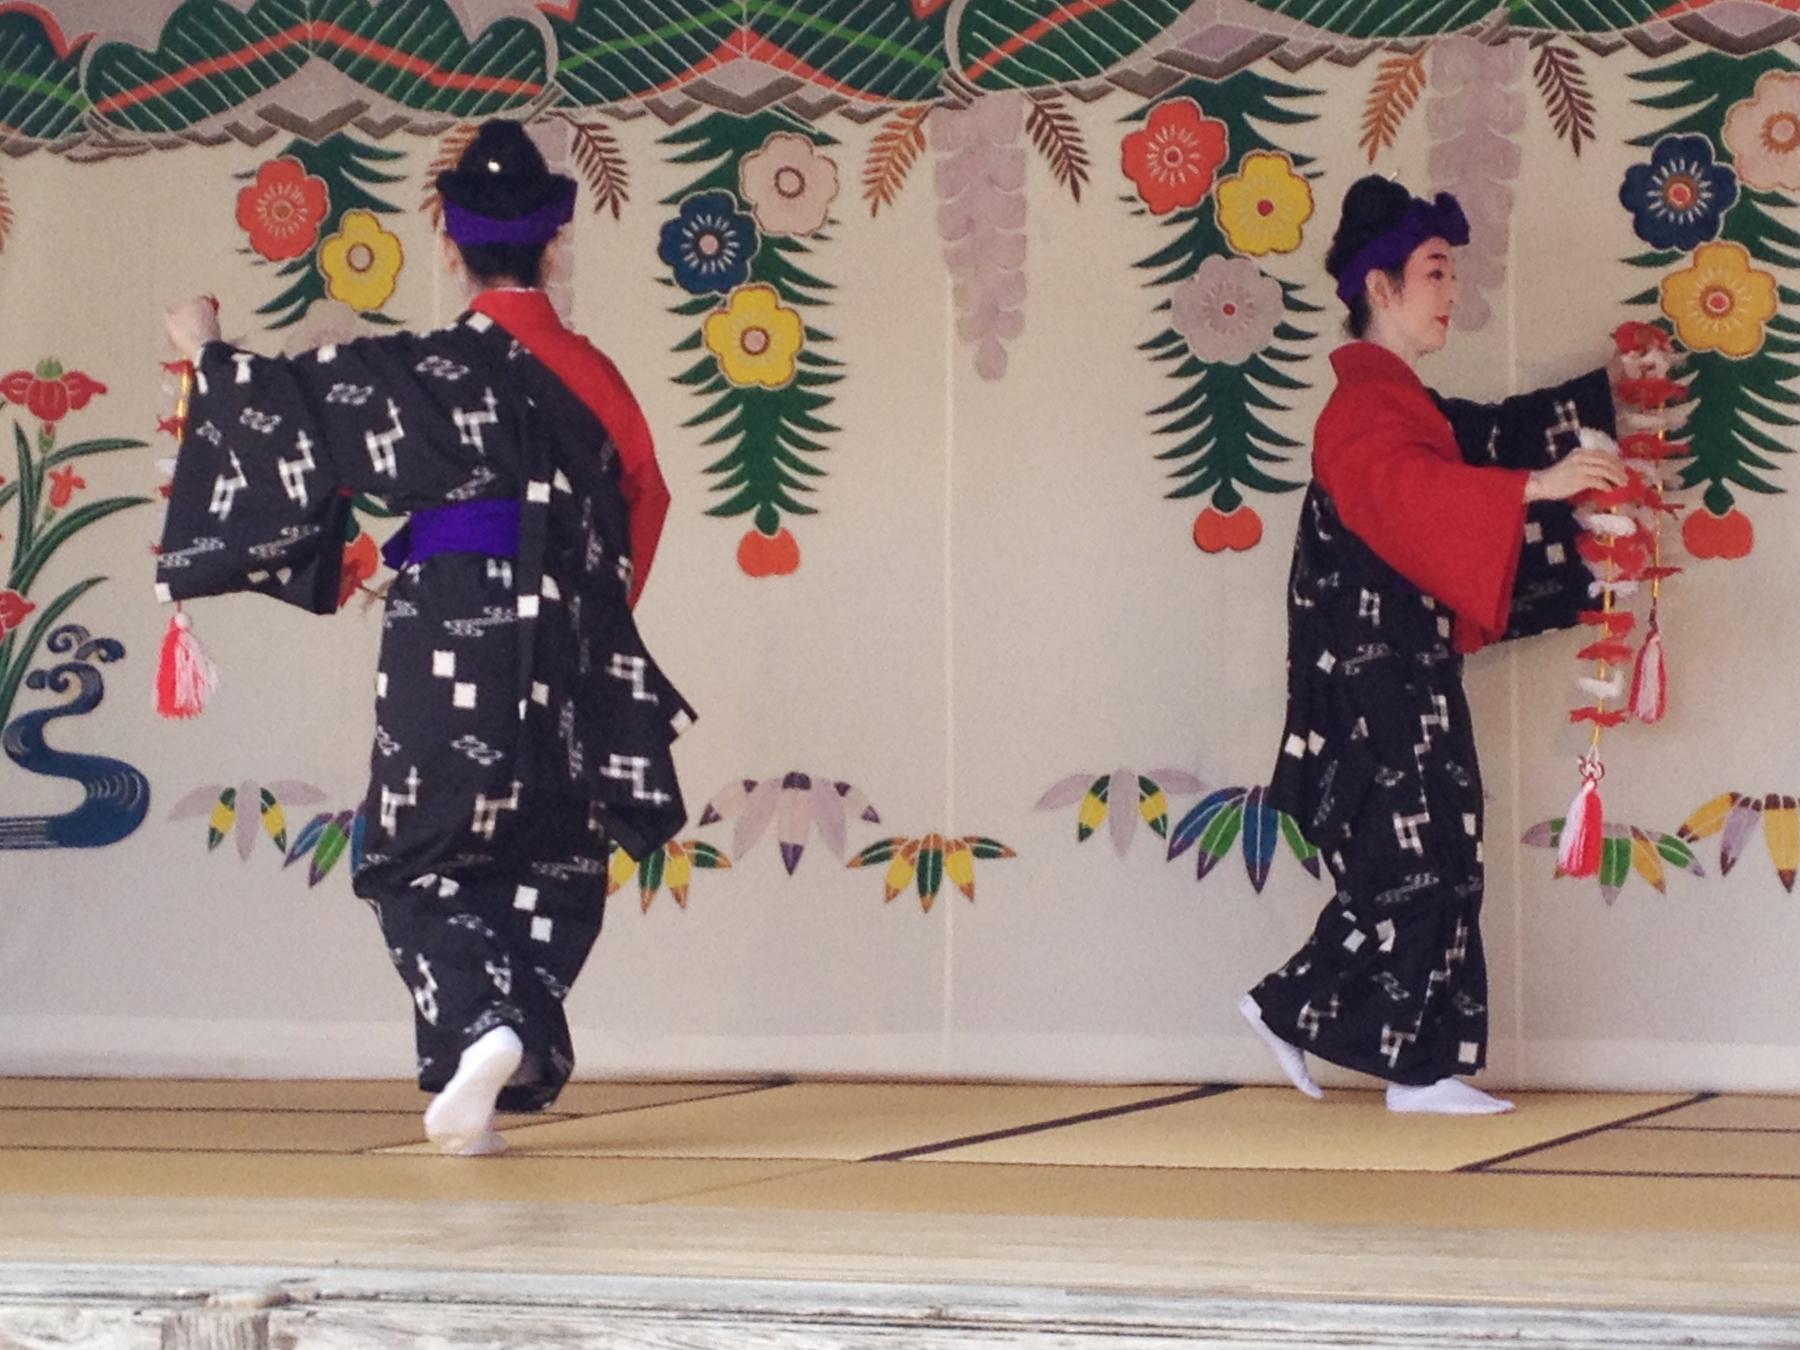 Okinawa Ryukyu Buyo - tradycyjny taniec japoński z Okinawy